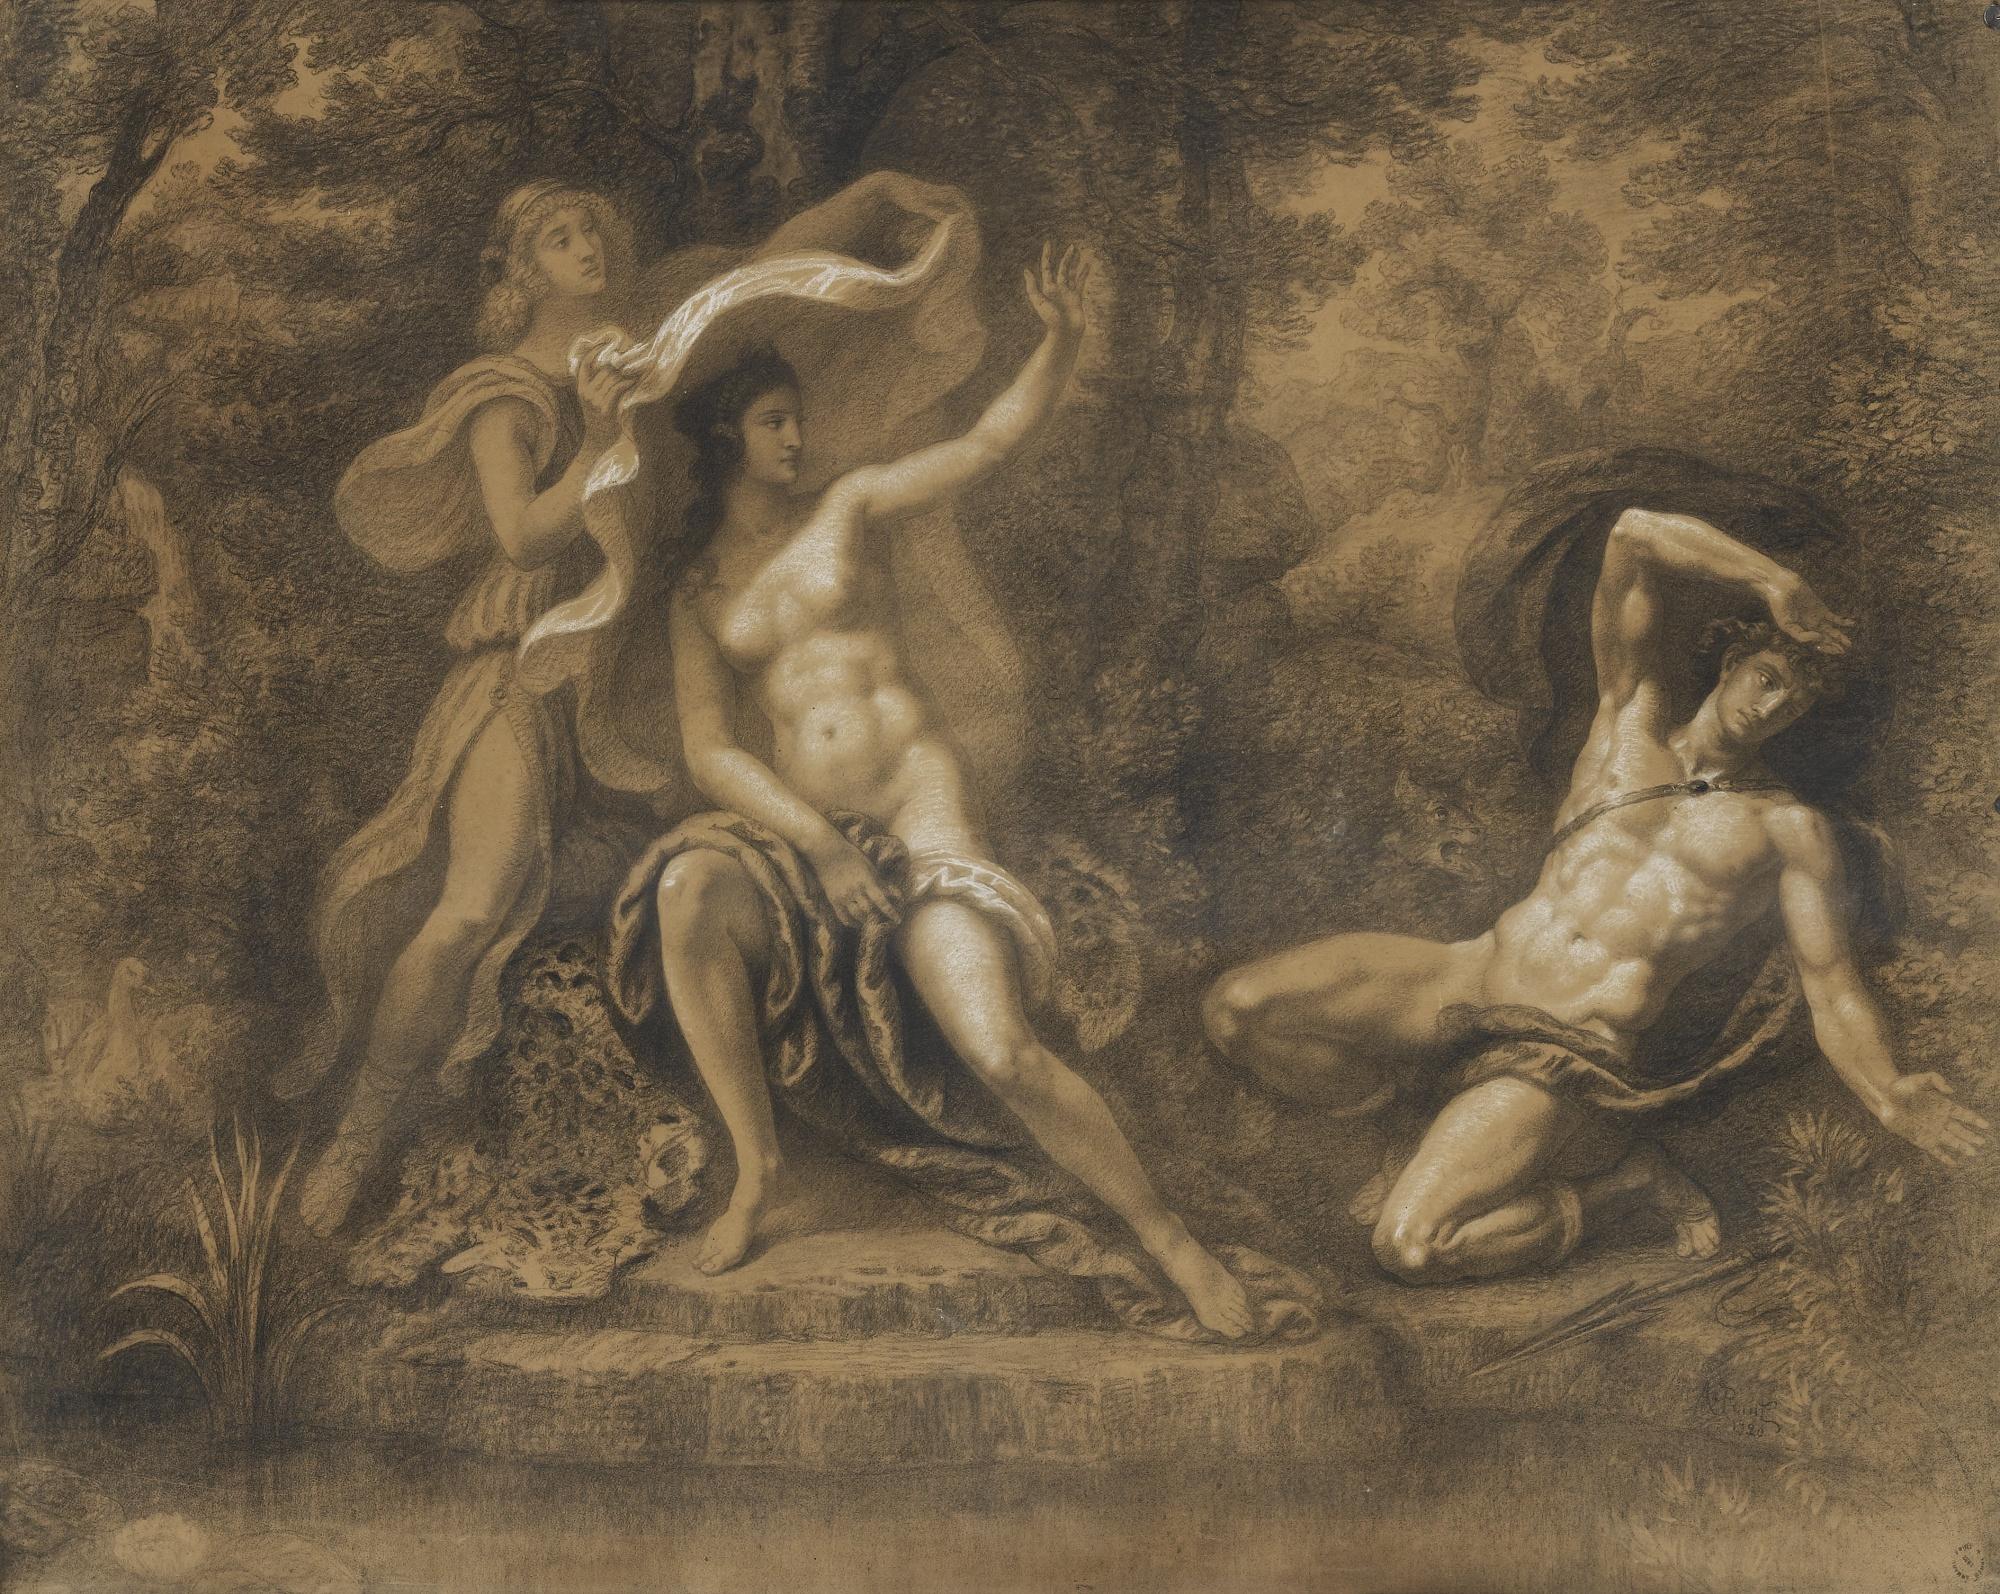 Armand Point-Diane Et Acteon-